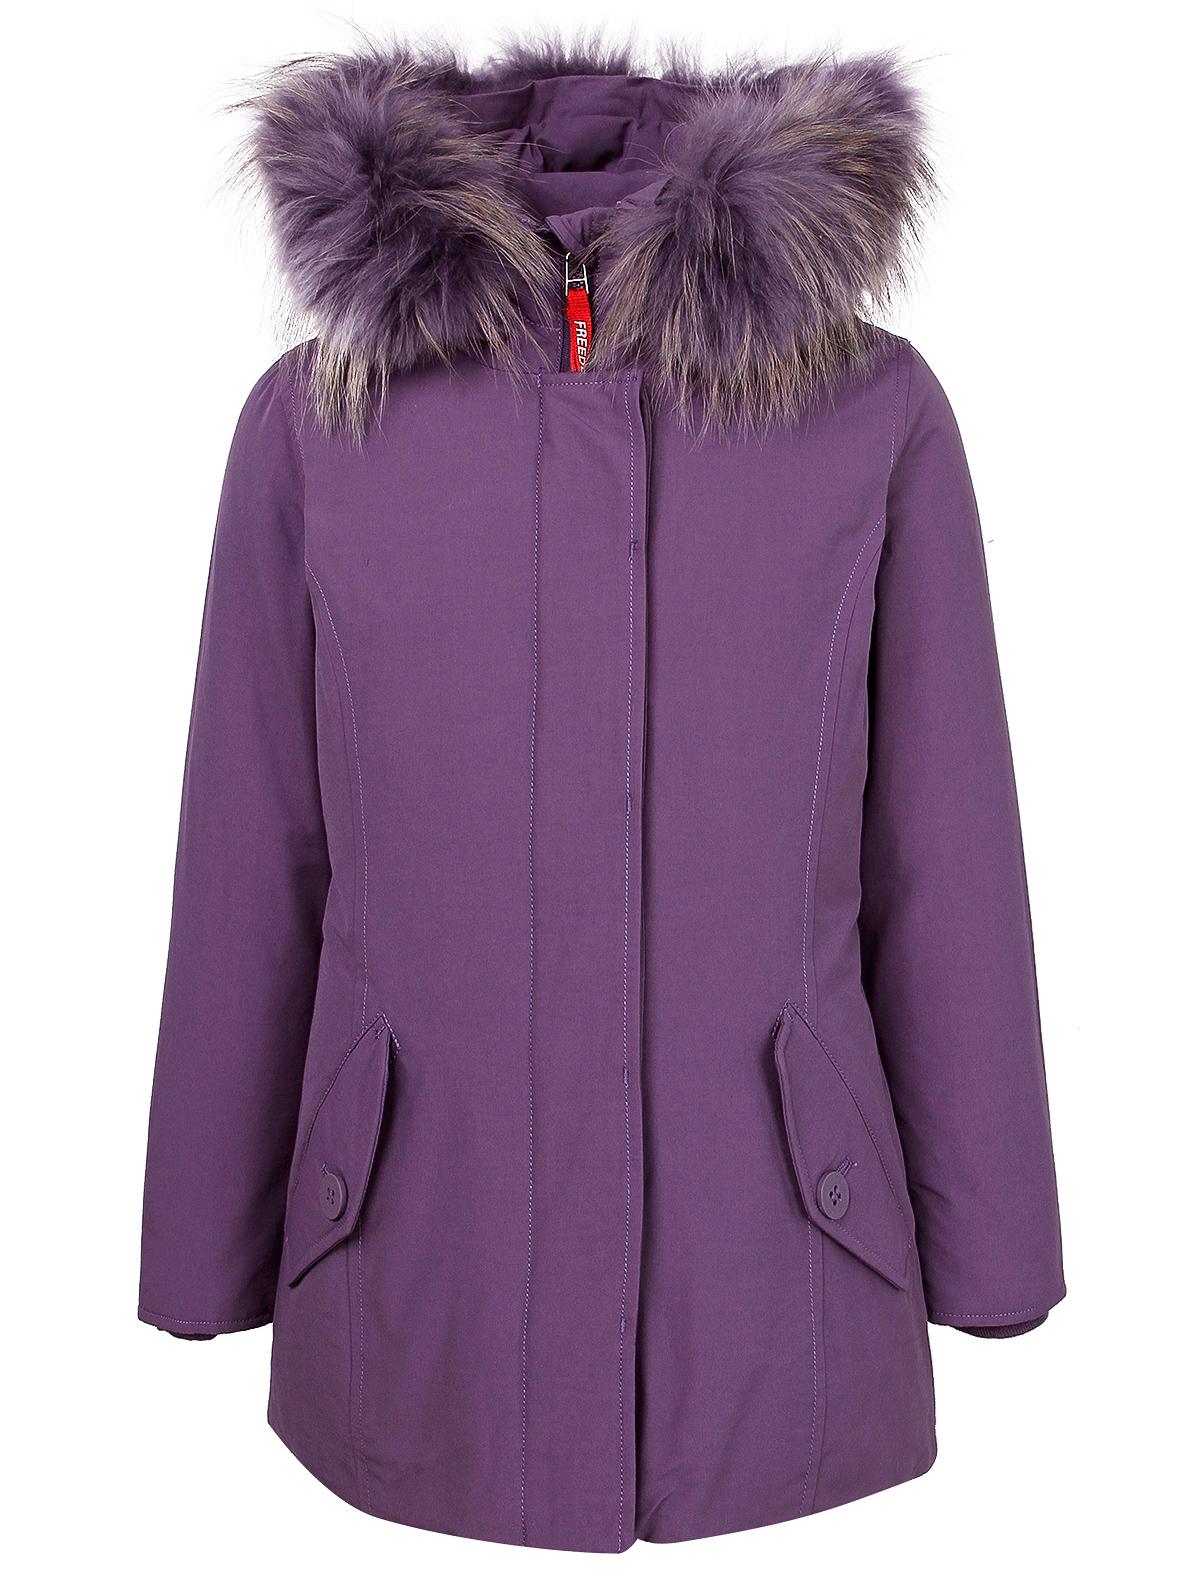 Купить 2118807, Куртка FREEDOMDAY, фиолетовый, Женский, 1073309980136